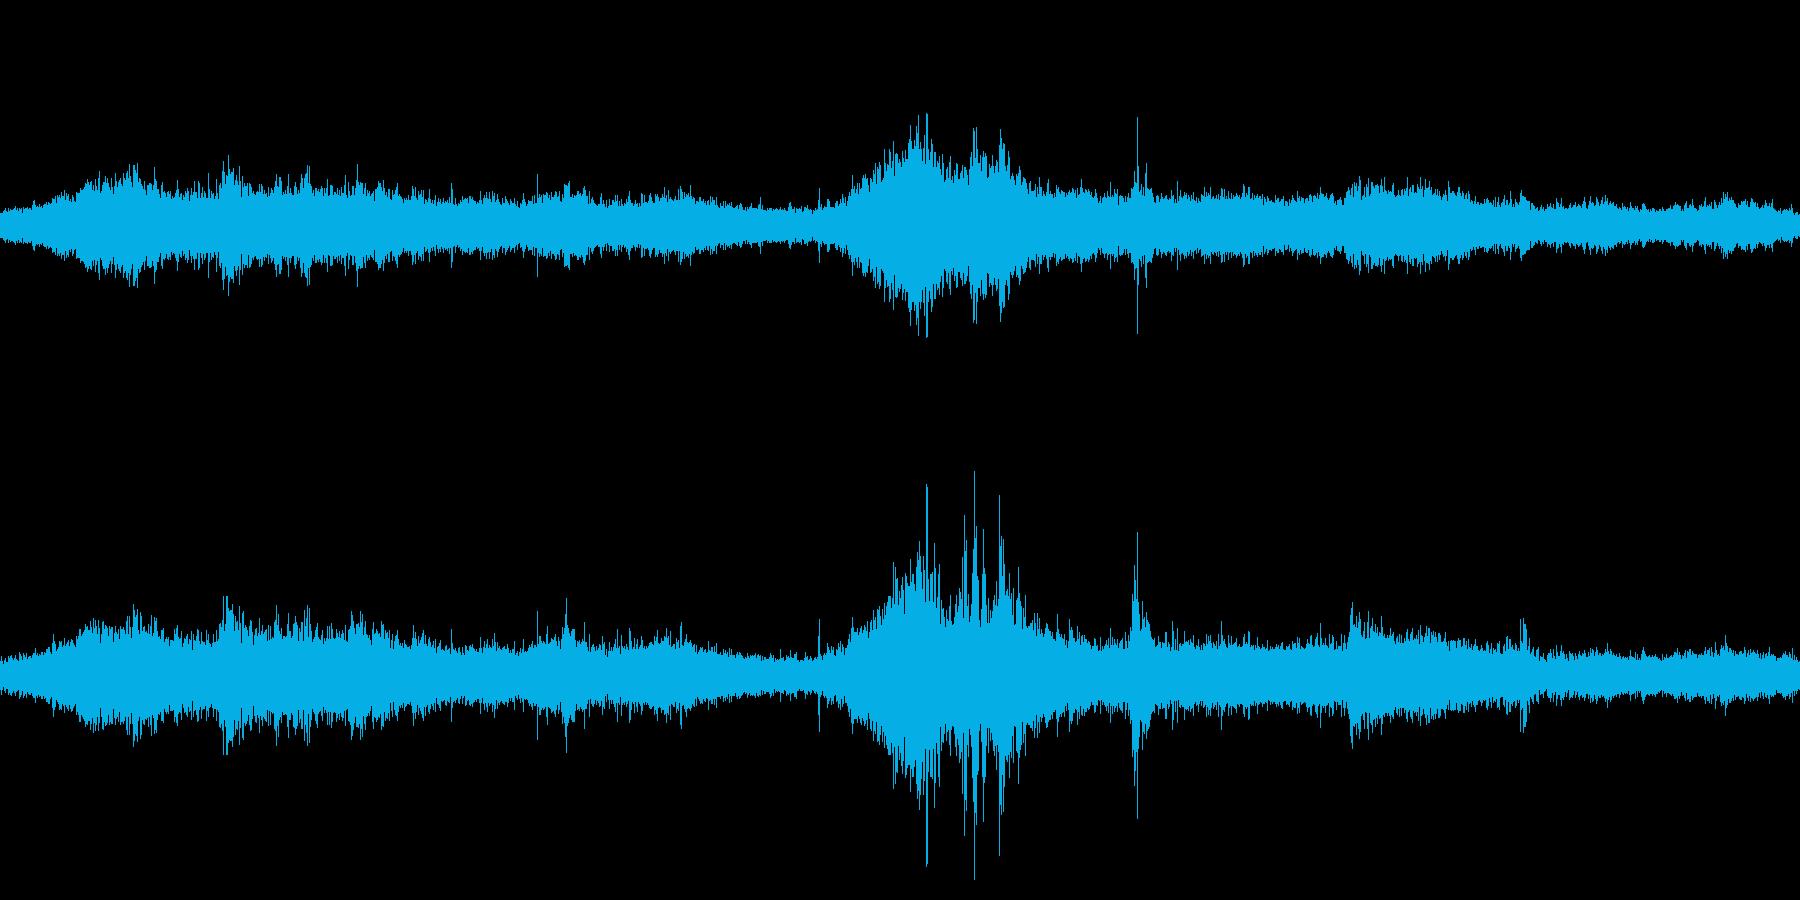 台風 暴風域 ループ可の再生済みの波形